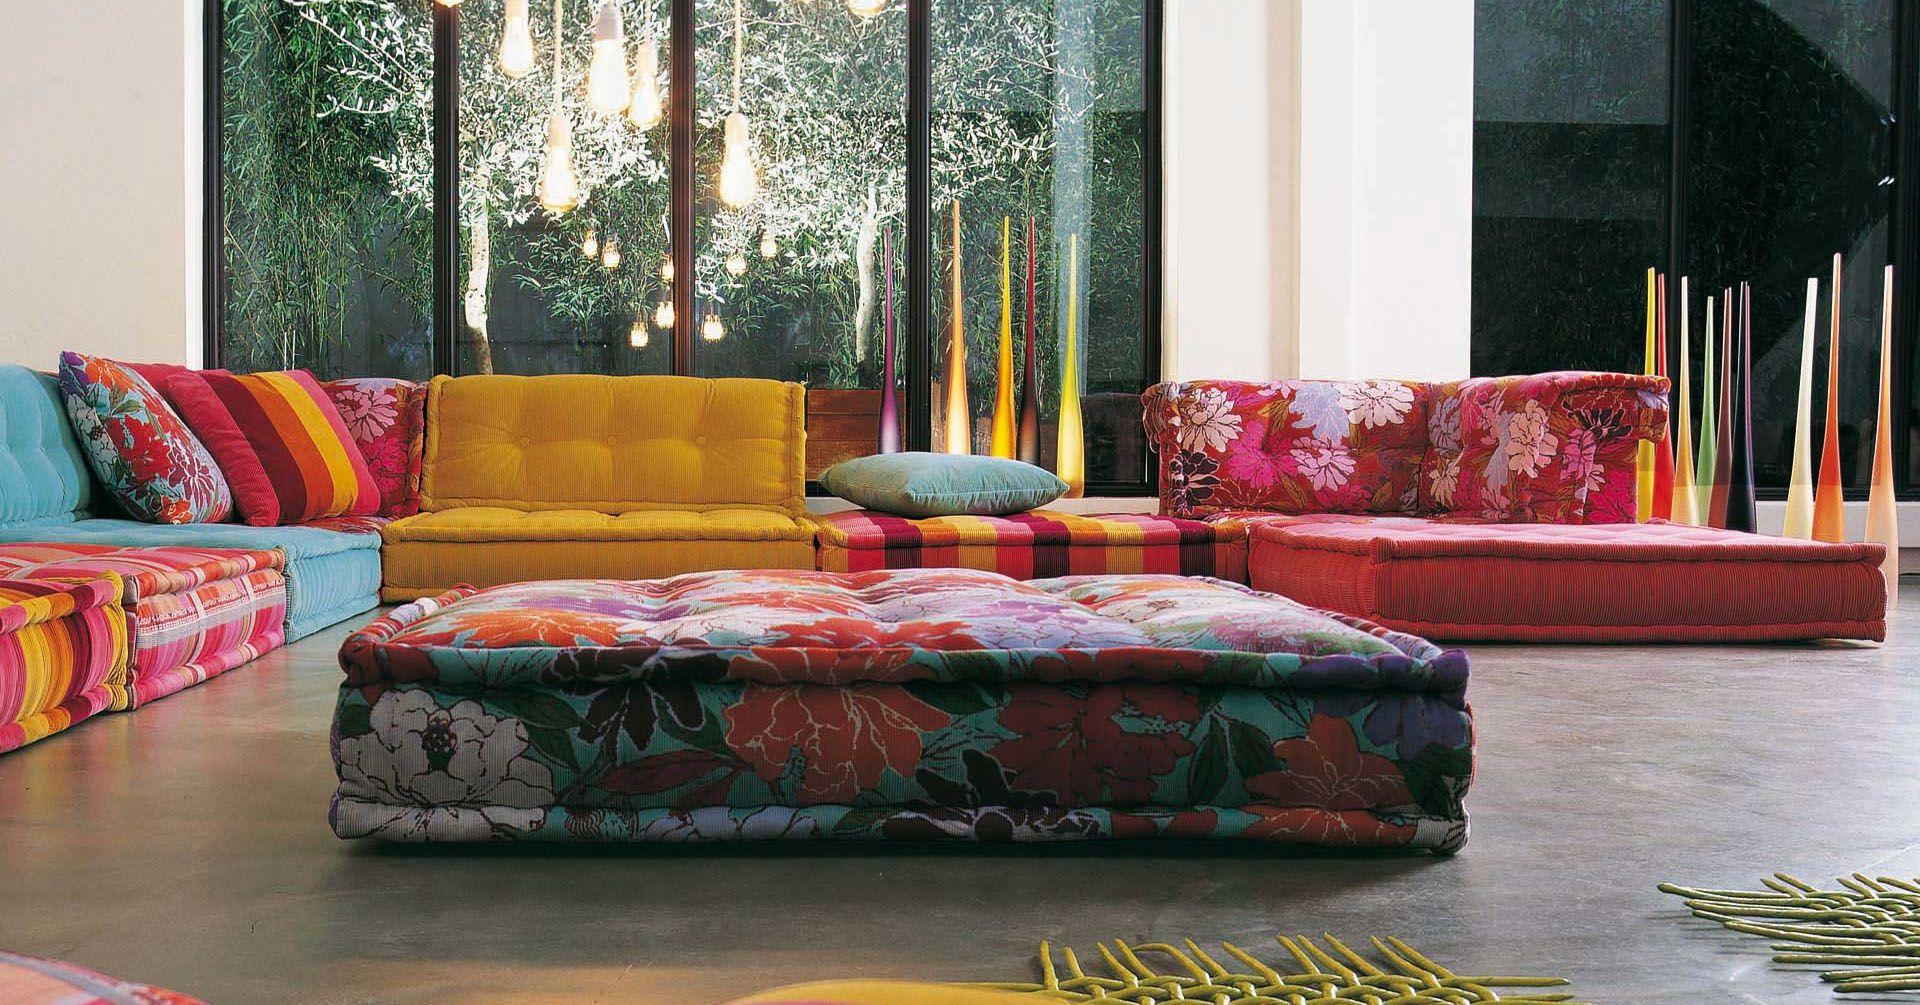 Designed By Hans Hofer The Roche Bobois Mah Jong Modular Sofas